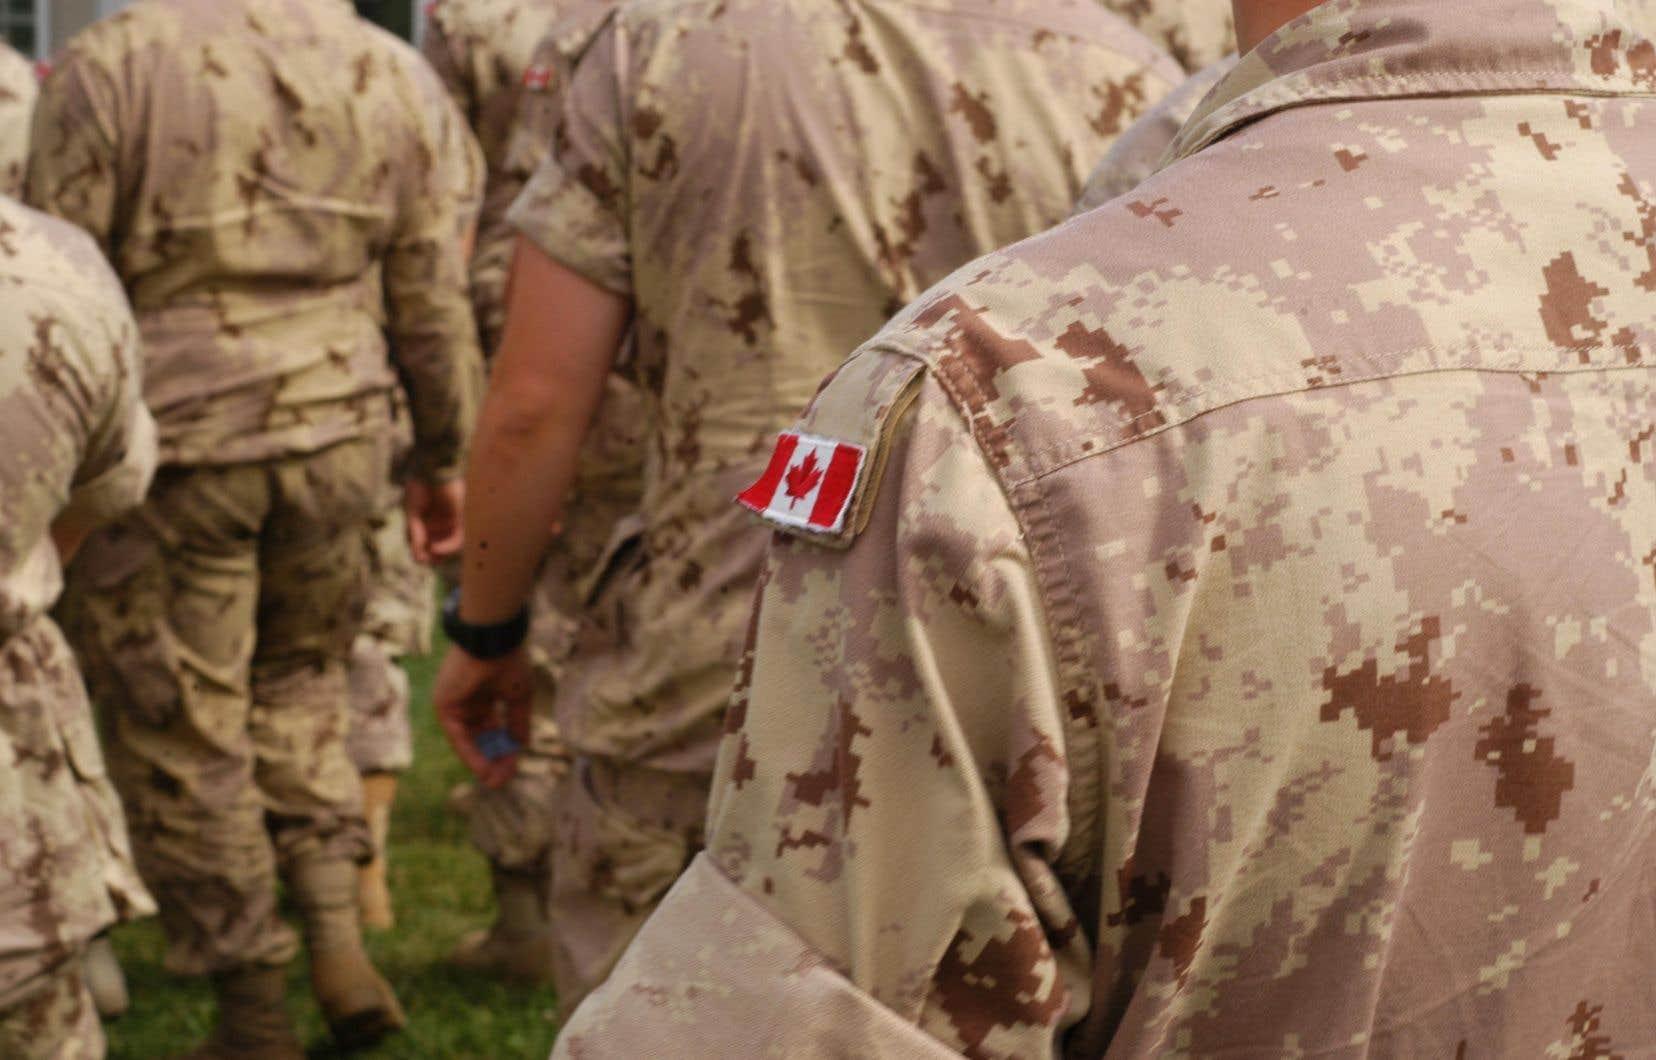 Le gouvernement promet un examen externe des programmes existants de lutte contre le harcèlement et une révision de la manière dont il traite les prestations d'invalidité pour les victimes d'agression sexuelle ou de harcèlement au sein de l'armée.